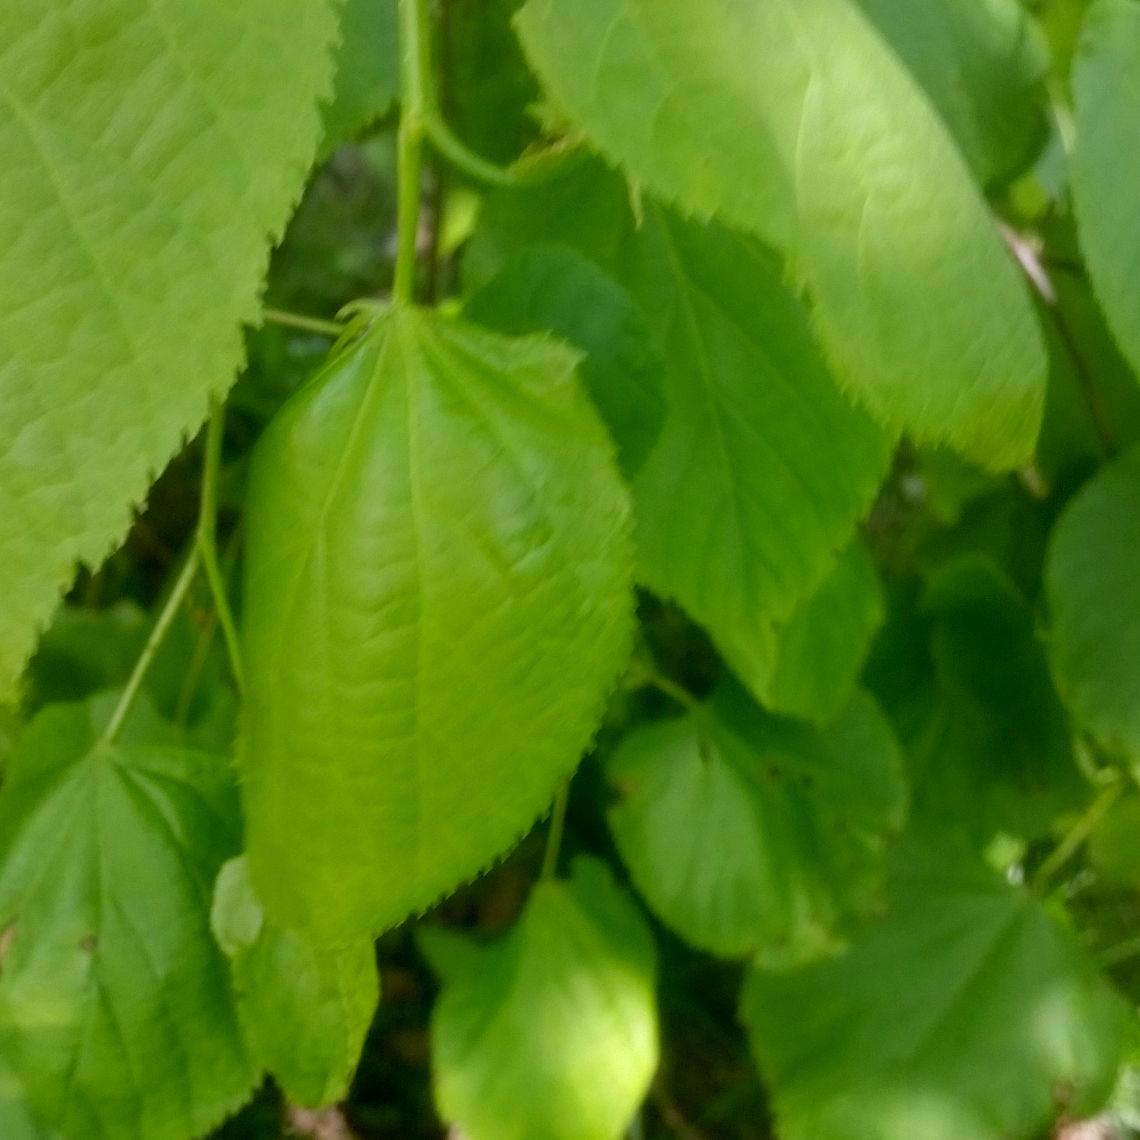 Staat er ergens een lindeboom? Ga dan eens op zoek naar de kleinste groenste blaadjes die aan het uiteinde van takken onderin zit. Hmmmm, lekker lang op kauwen en er komt een zachte smaak naar boven.